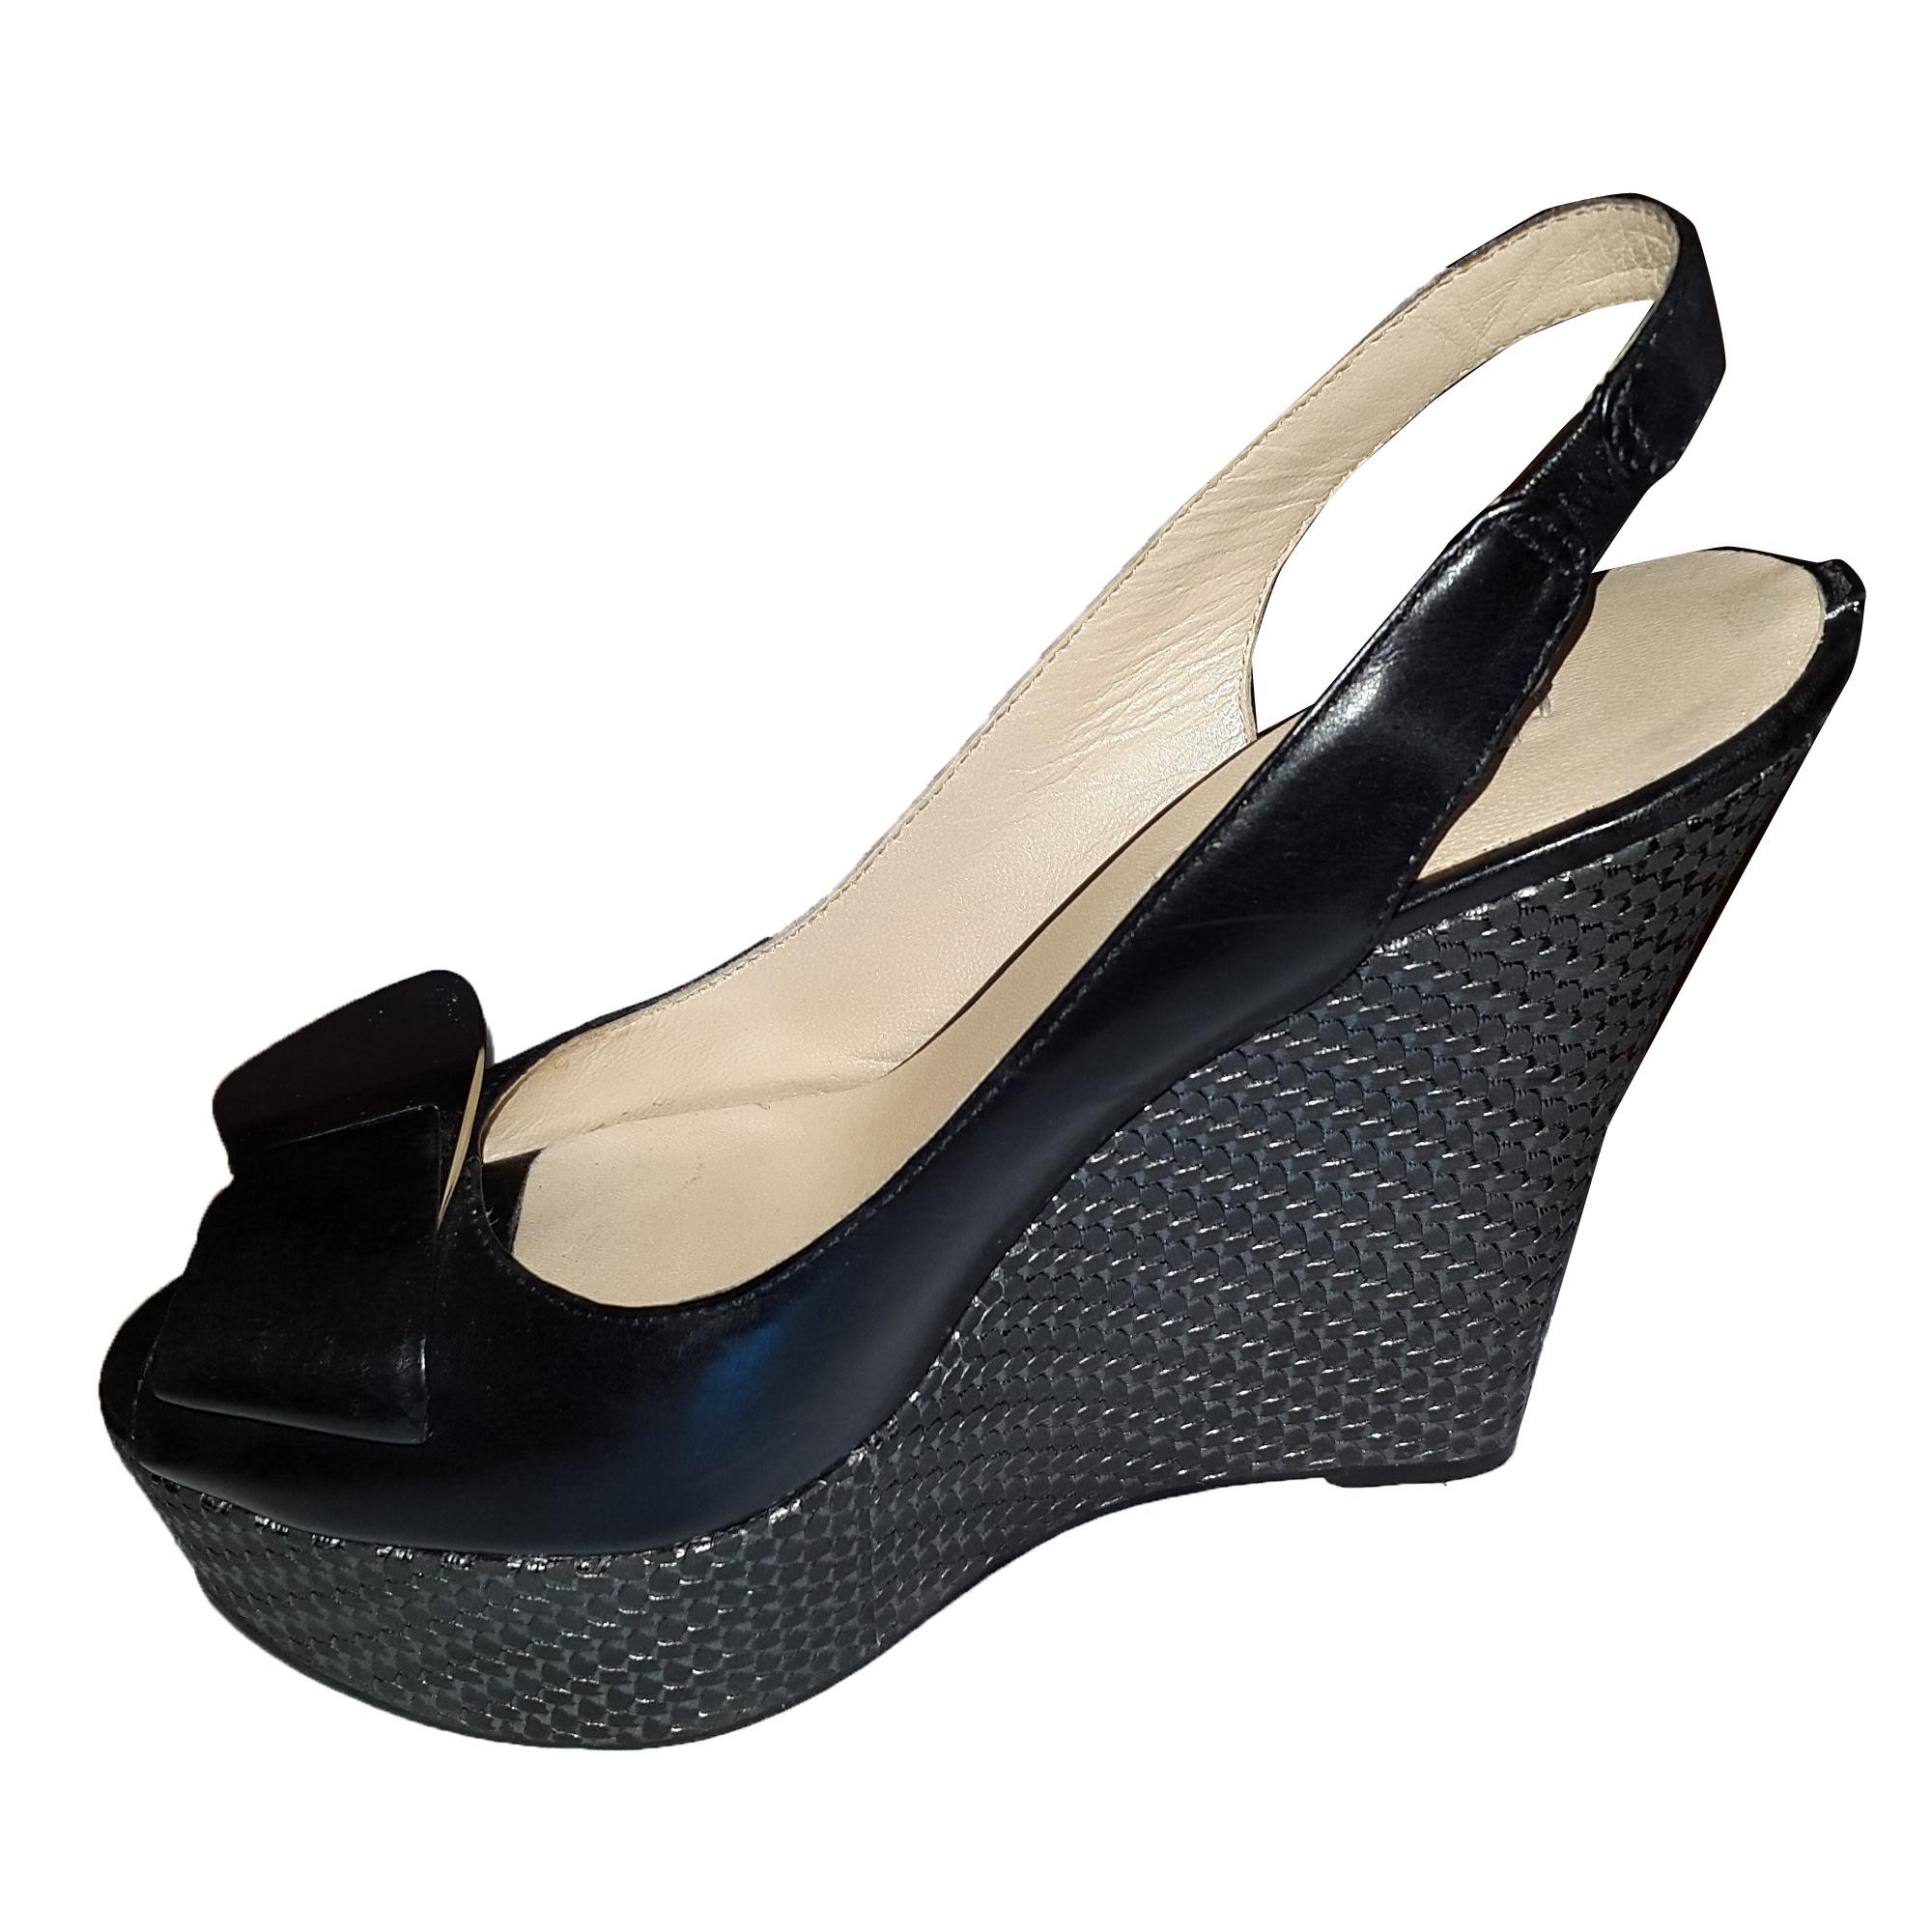 Noir 37 Vendu 7502490 Nileco78 Compensées Sandales Par Guess lcJuTF15K3